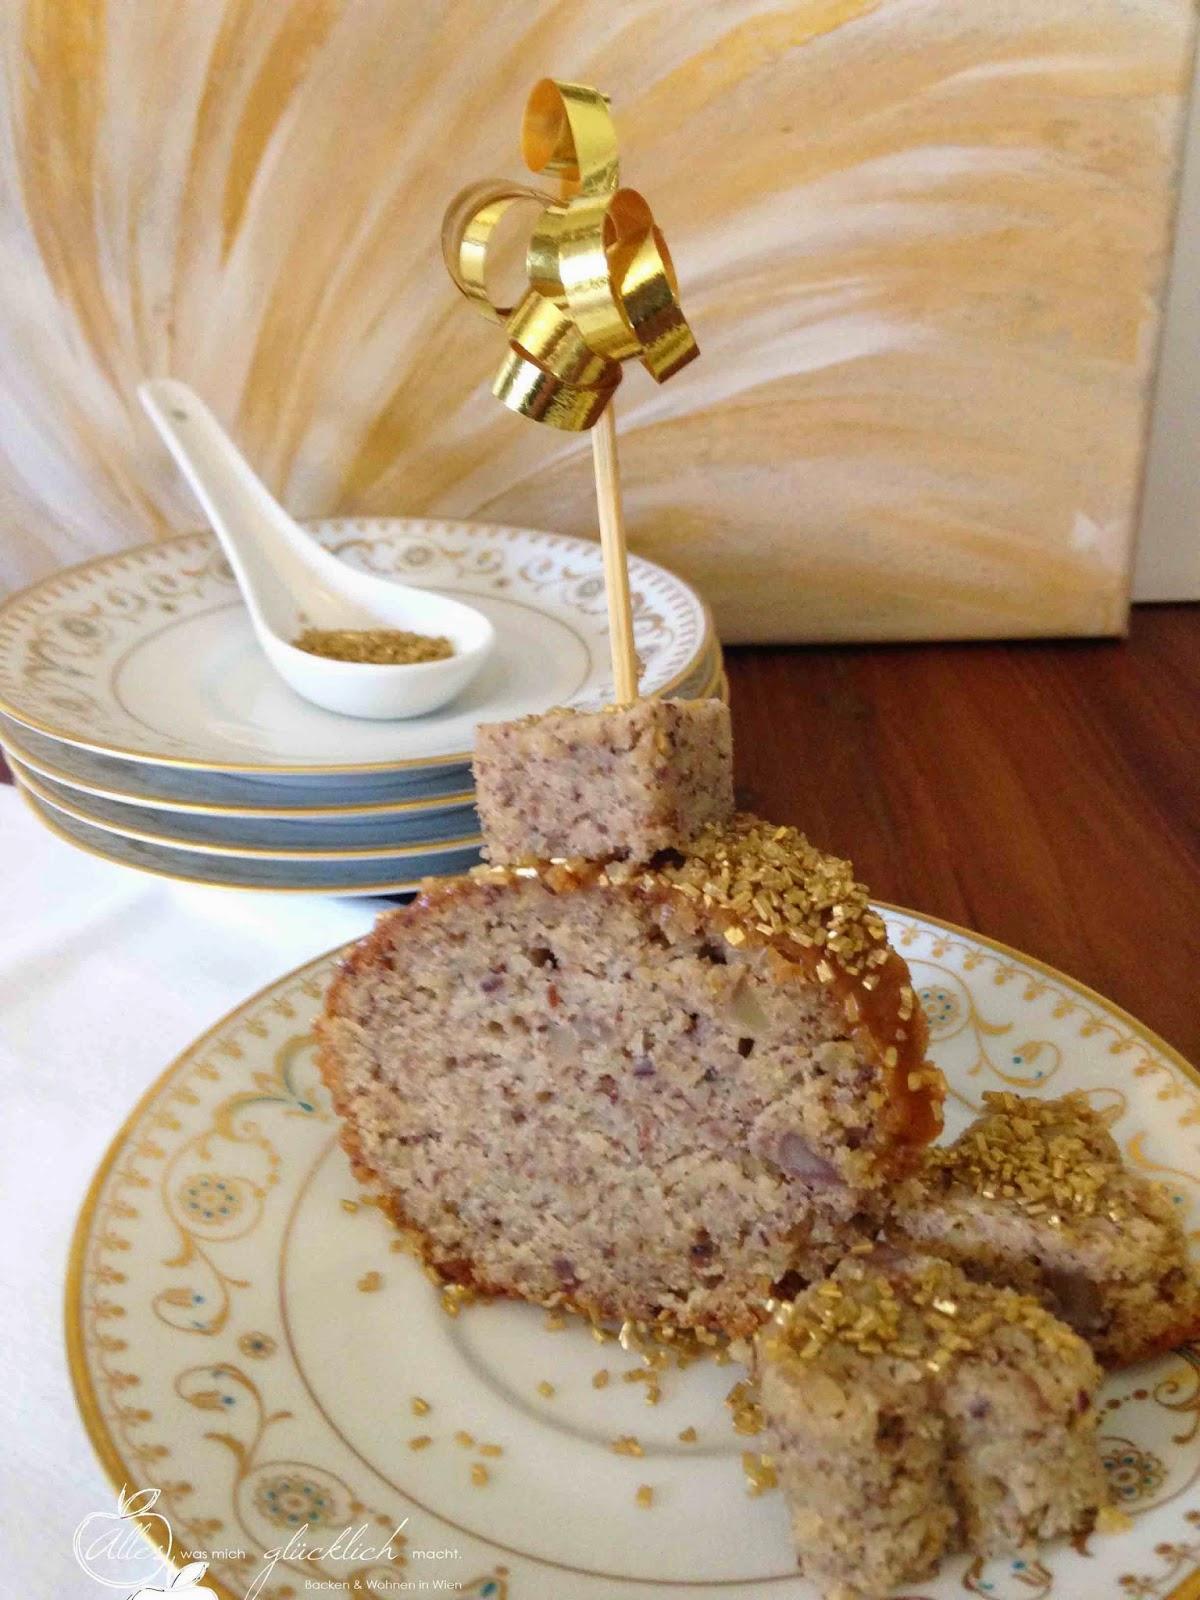 Maronikuchen mit Lebkuchen-Karamell-Glasur